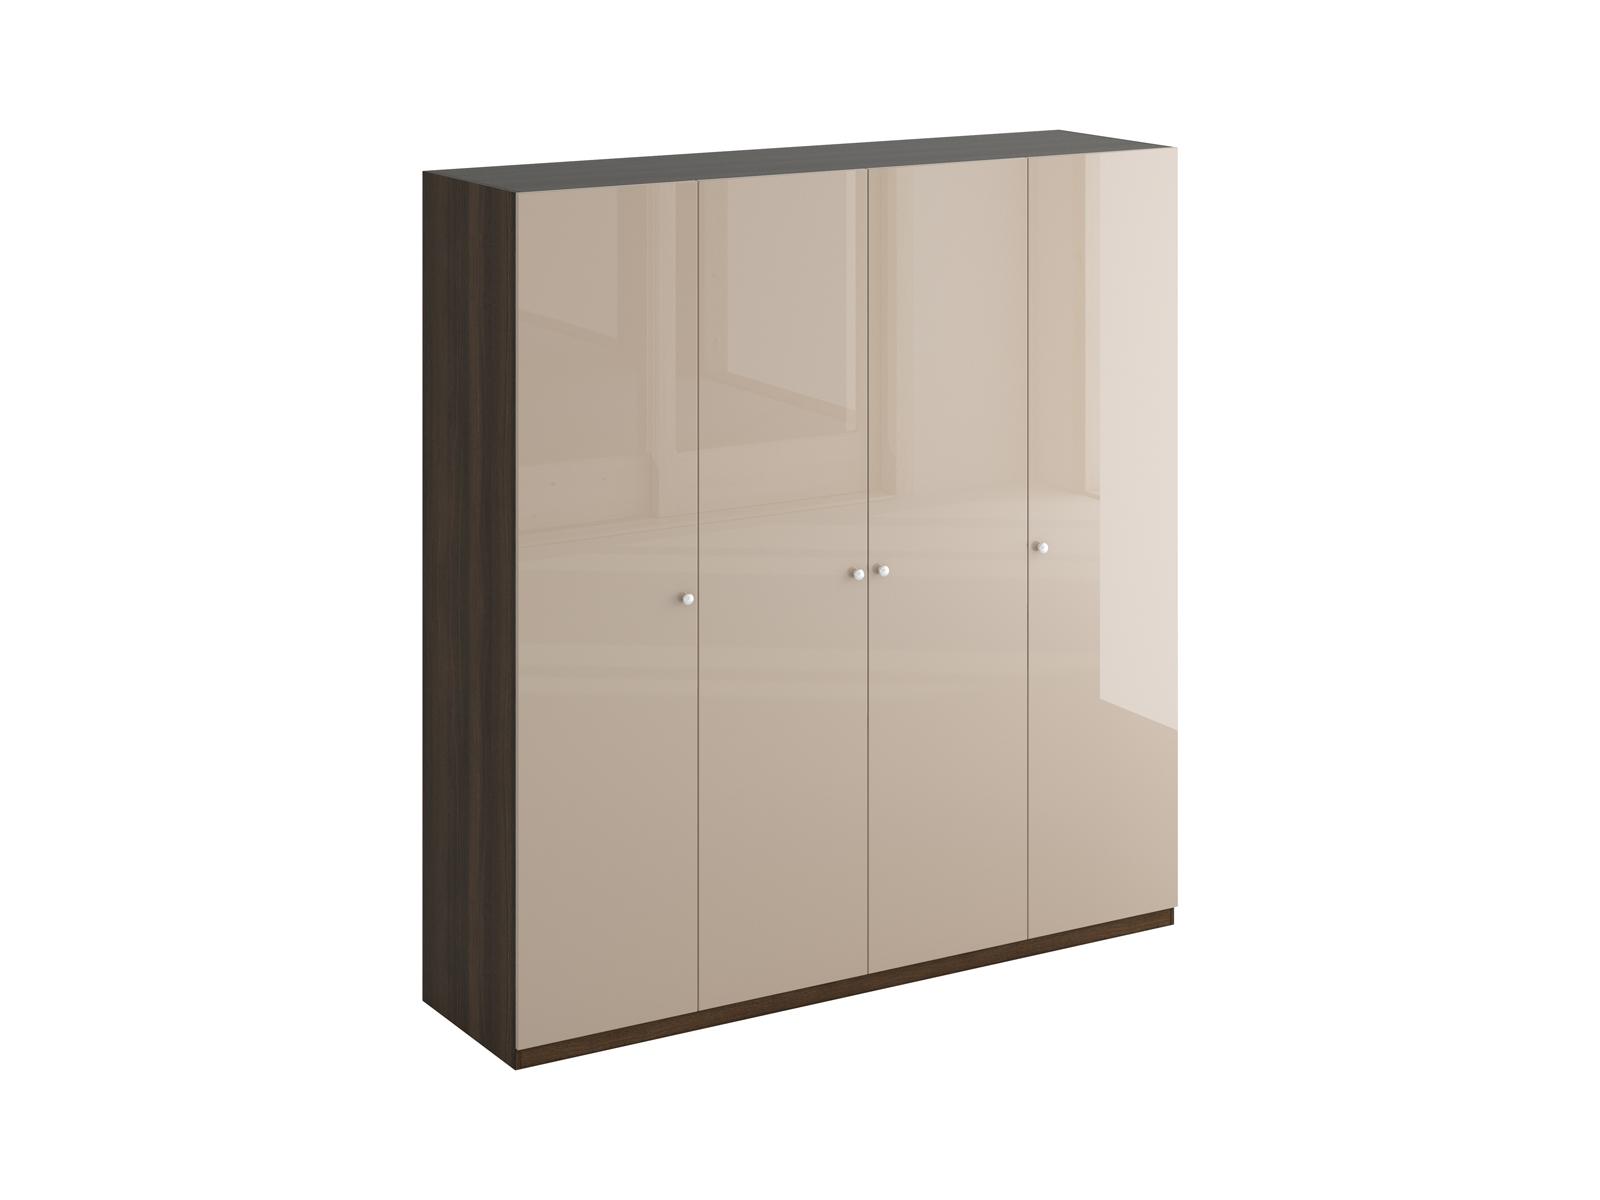 Шкаф UnoПлатяные шкафы<br>Шкаф четырехдверный состоит их трёх отделений. В отделениях расположены верхние стационарные и нижние съемными полки. На одной дверце шкафа с внутренней стороны расположено зеркало. Шкаф установлен на регулируемые опоры. Данную мебель рекомендуется крепить к стене. Ручки и внутренние элементы продаются отдельно.Материалы:Корпус: ЛДСП 16 мм цвет Фасад: ЛДСП 16 мм цвет